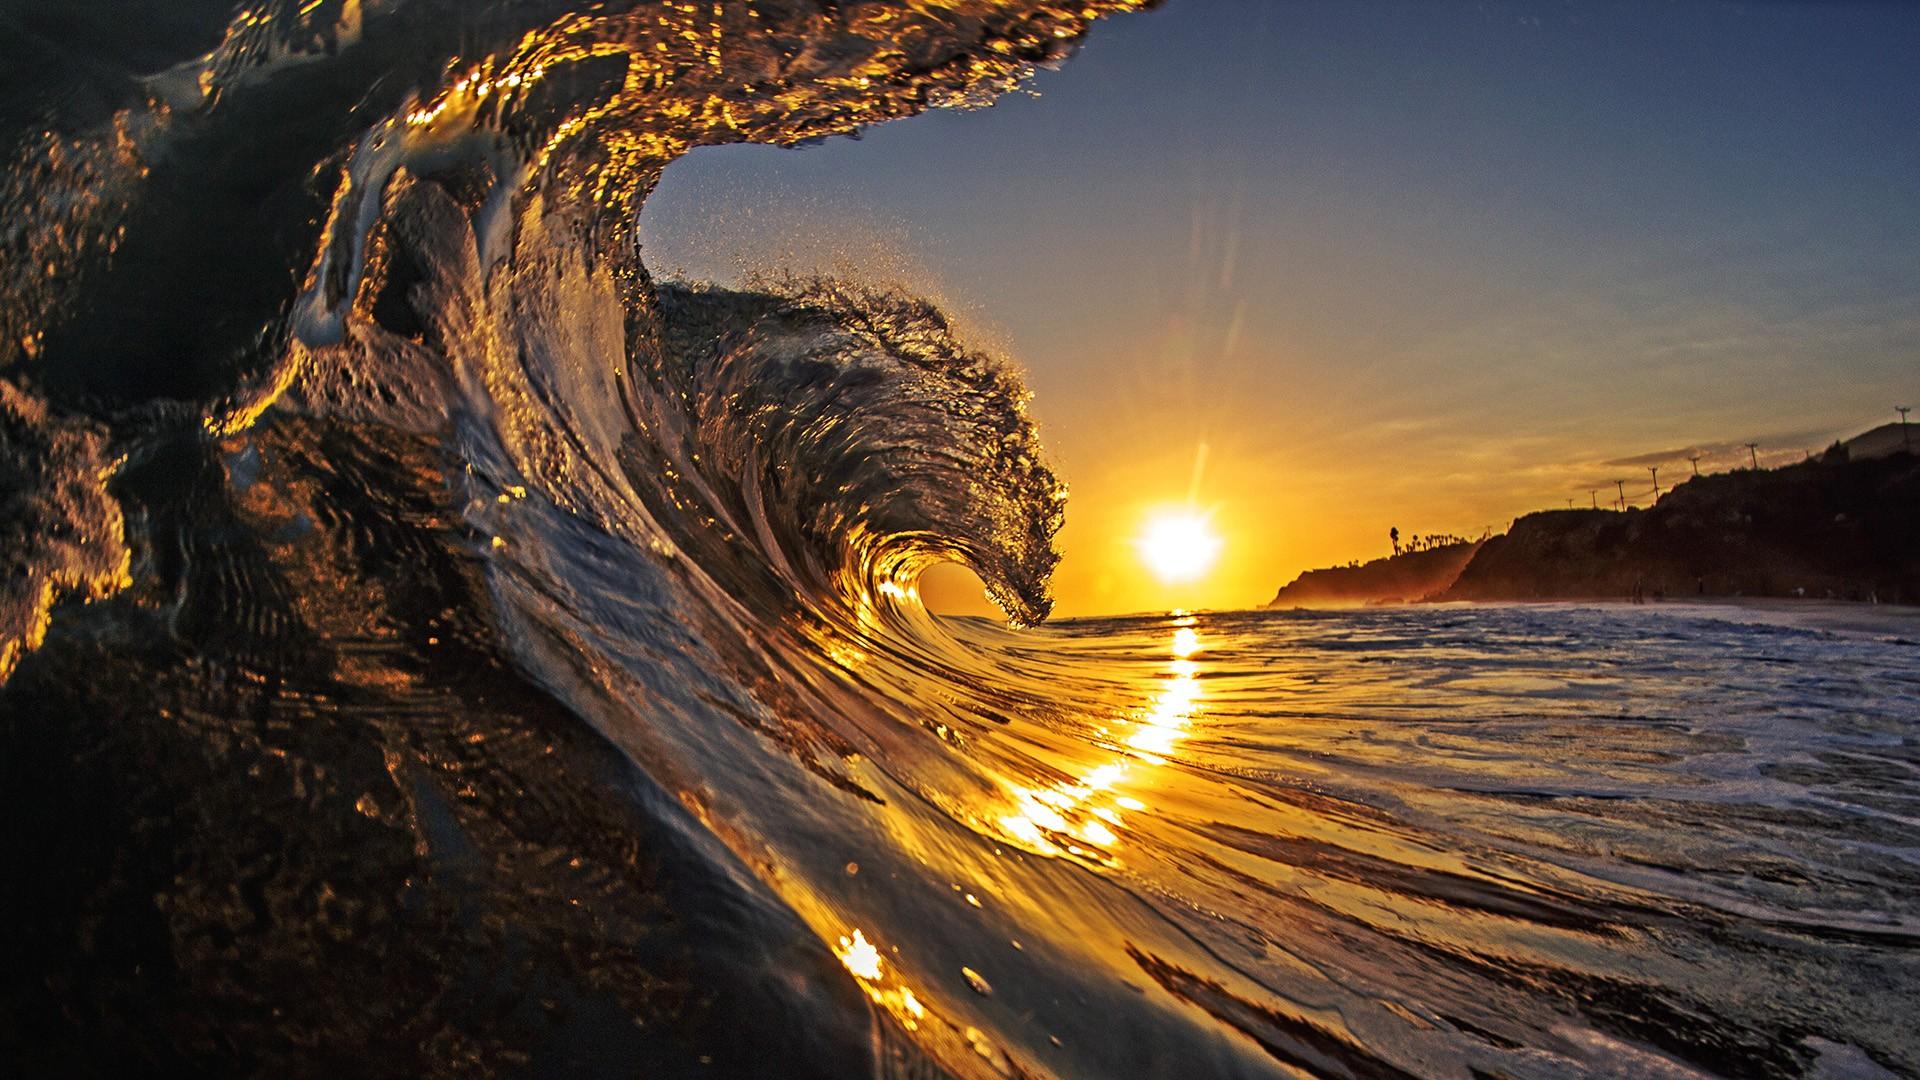 Waves sunset wallpaper 1920x1080 36000 WallpaperUP 1920x1080